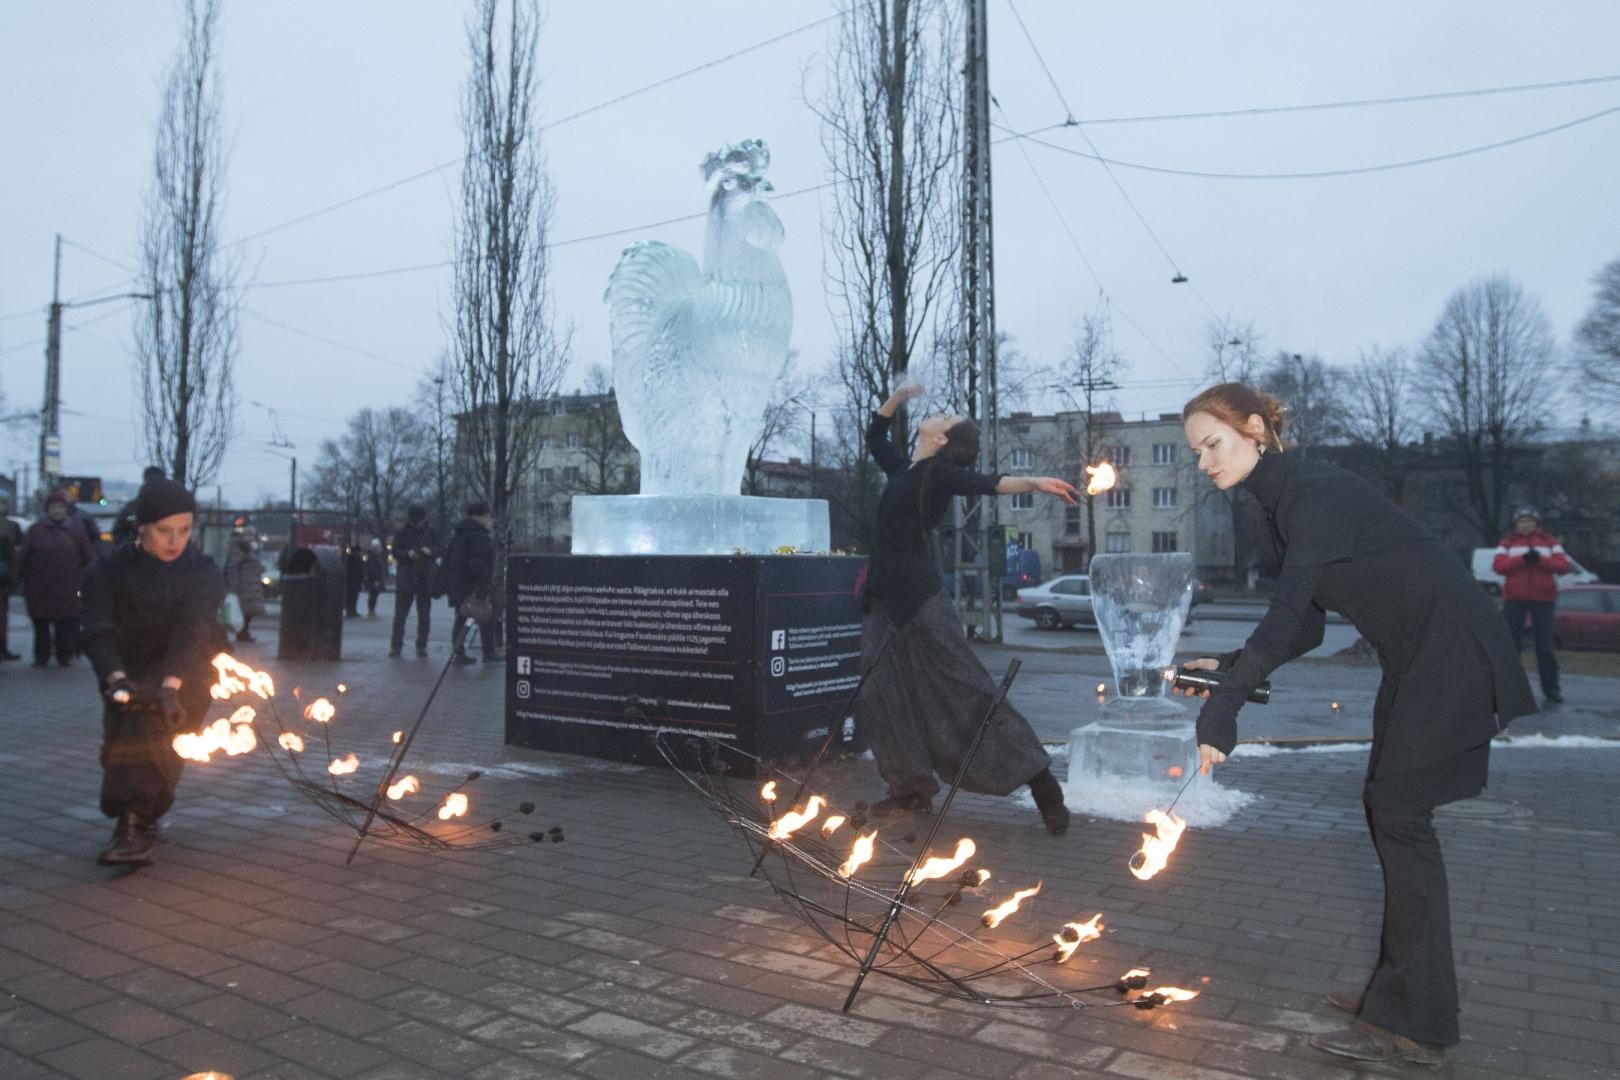 271670b7623 FOTOD! Tallinnas avati heategevusliku eesmärgiga jääskulptuur - Kõik